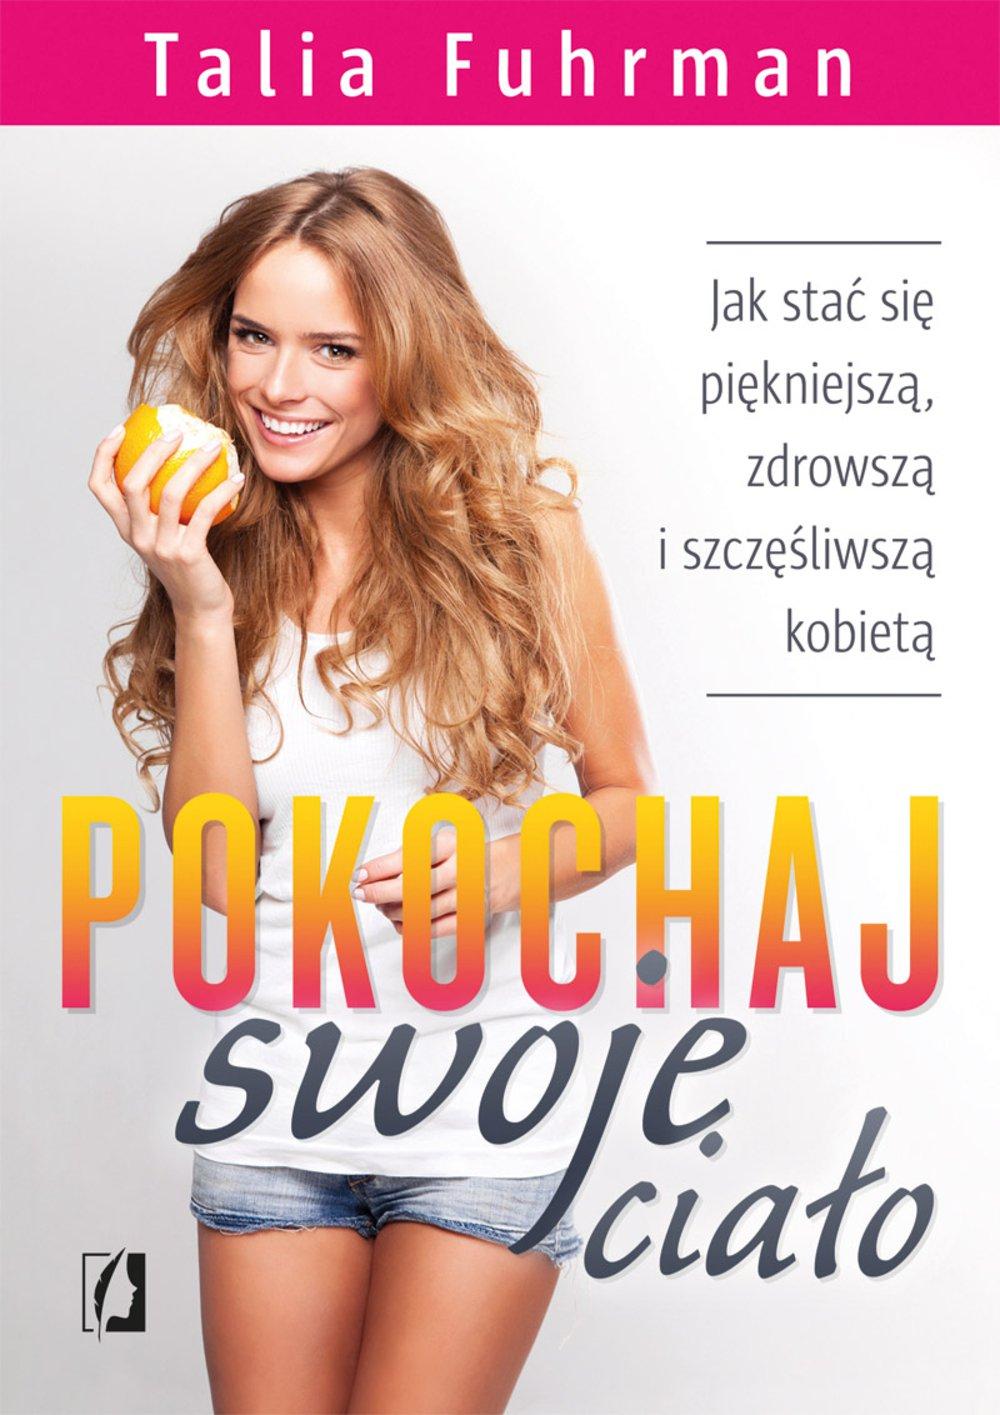 Pokochaj swoje ciało. Jak stać się piękniejszą, zdrowszą i szczęśliwszą kobietą - Ebook (Książka na Kindle) do pobrania w formacie MOBI